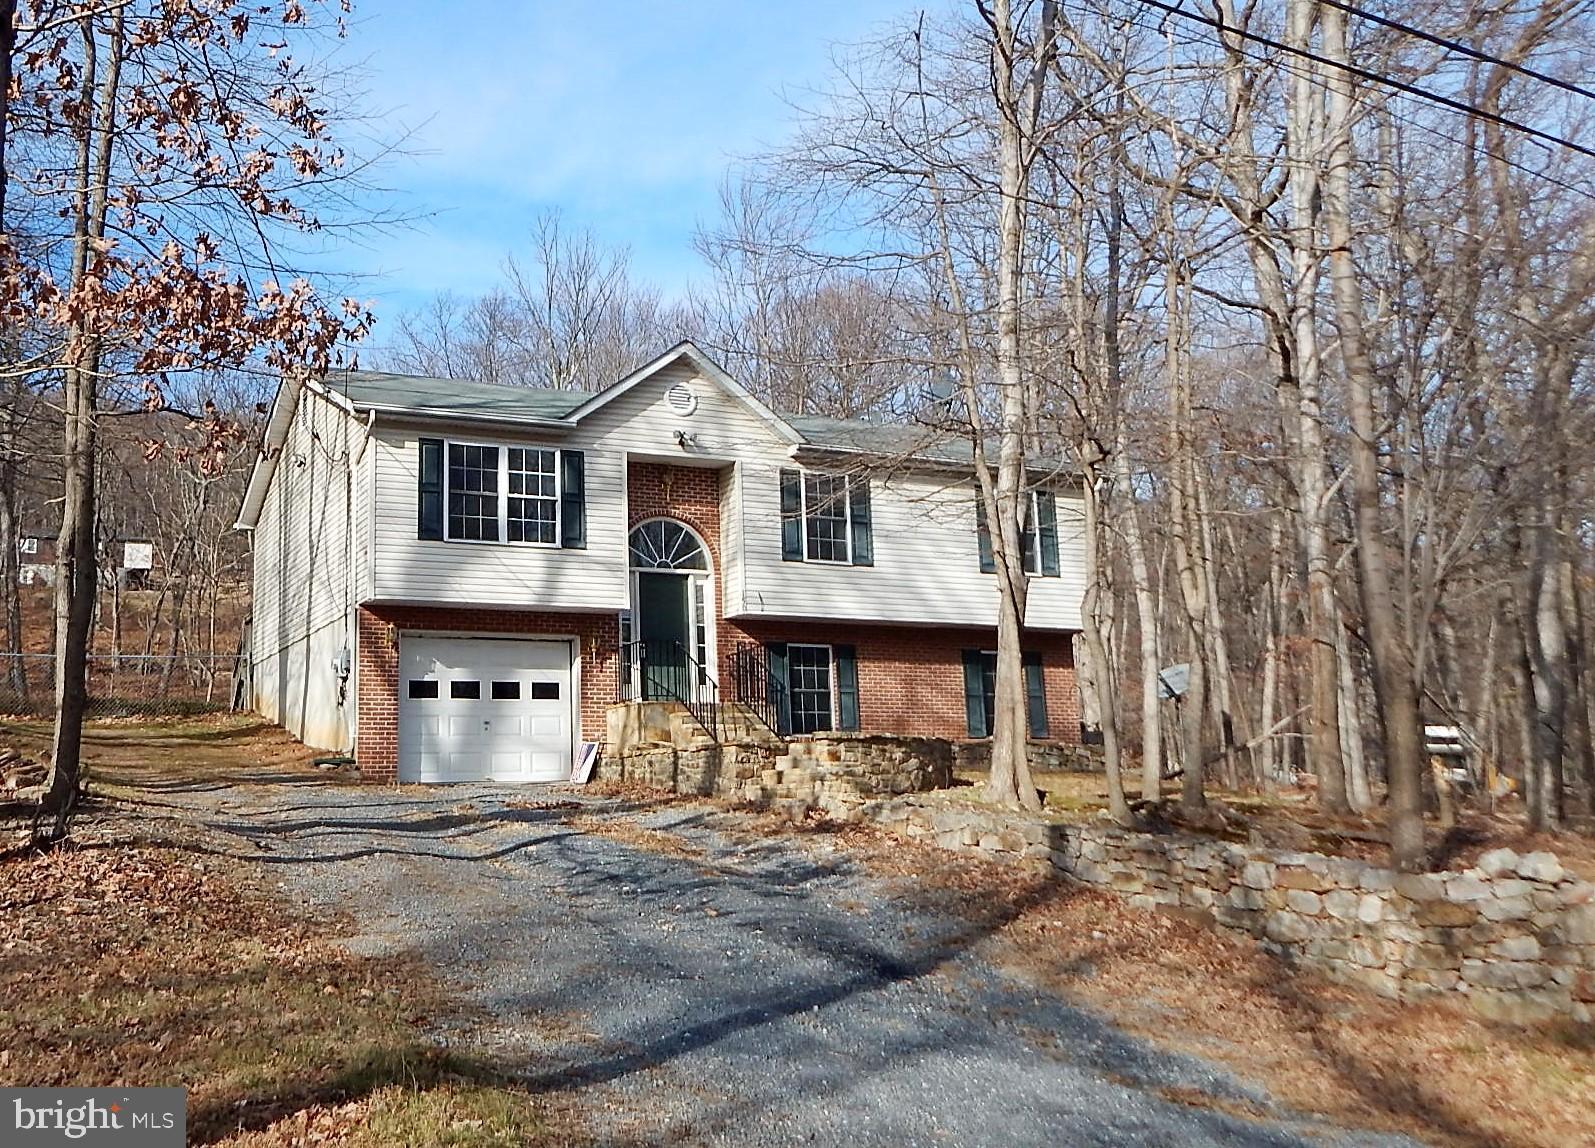 150 GRAYWOLF Trl, Winchester, VA, 22602